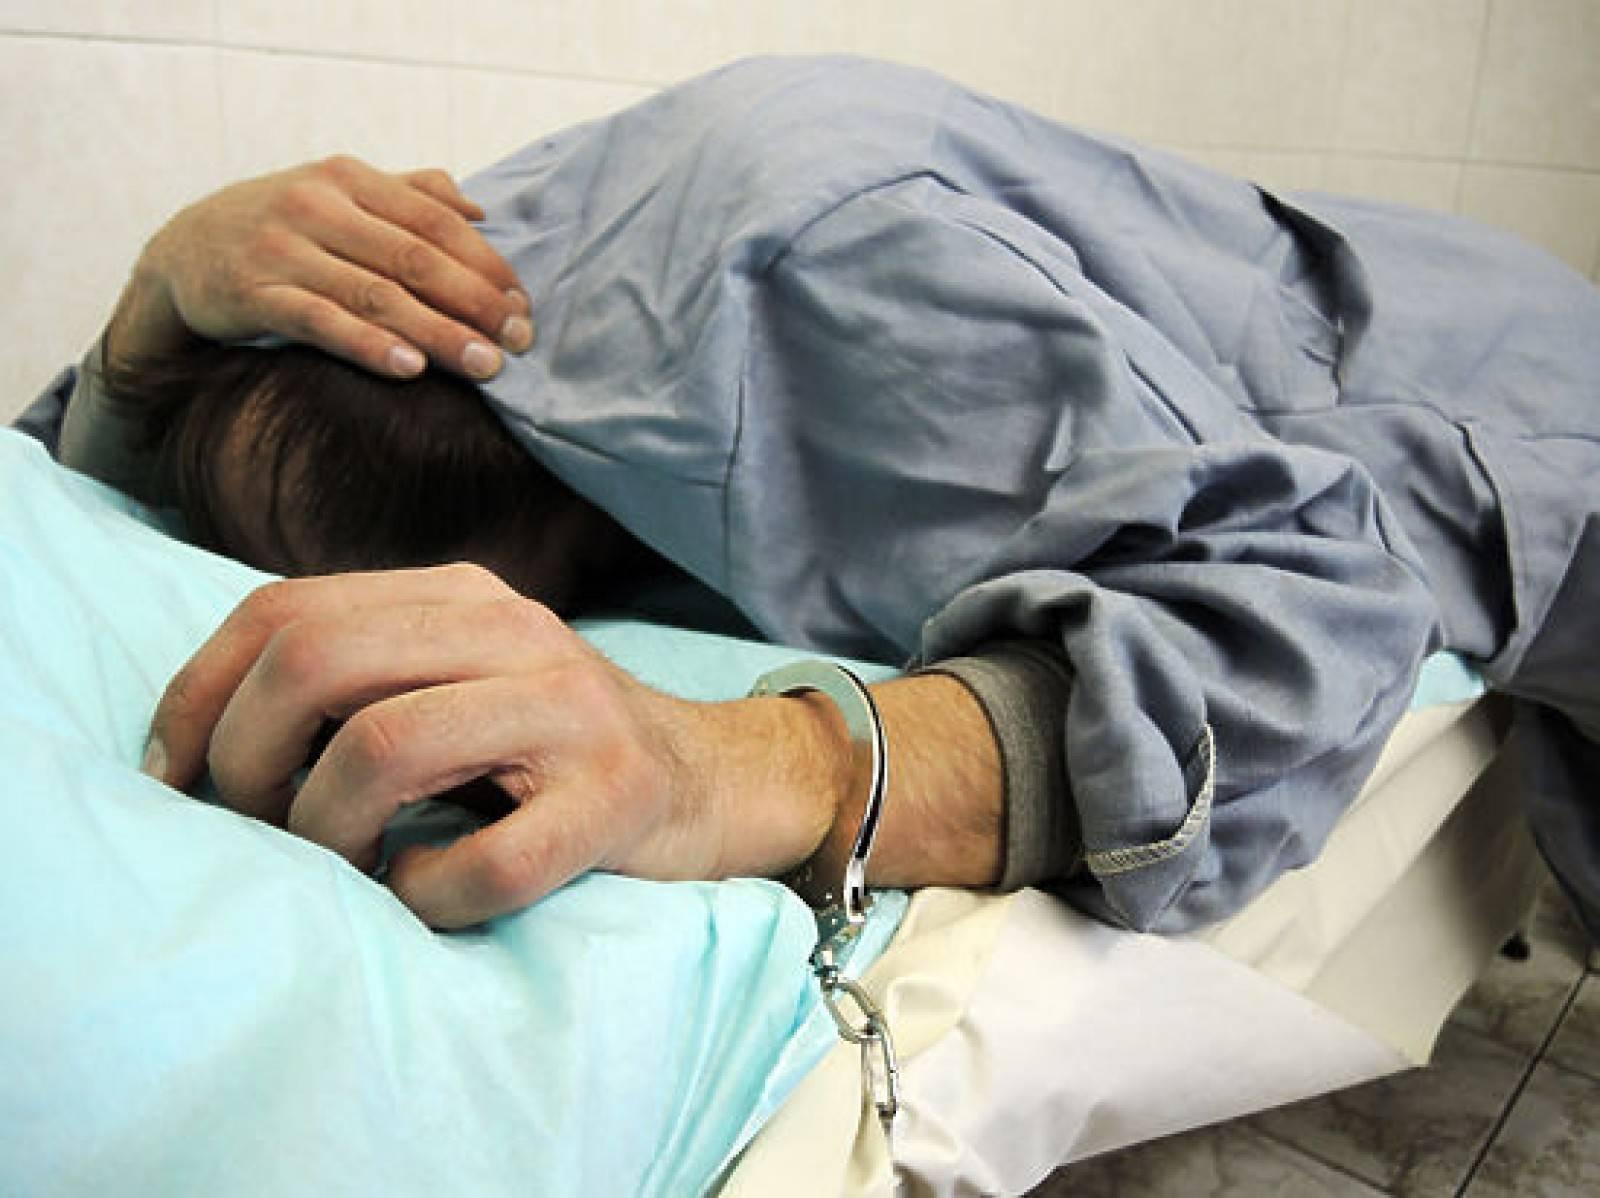 Принудительное лечение в 2019 году: от алкоголизма, наркозависимости, в психиатрической больнице по решению суда